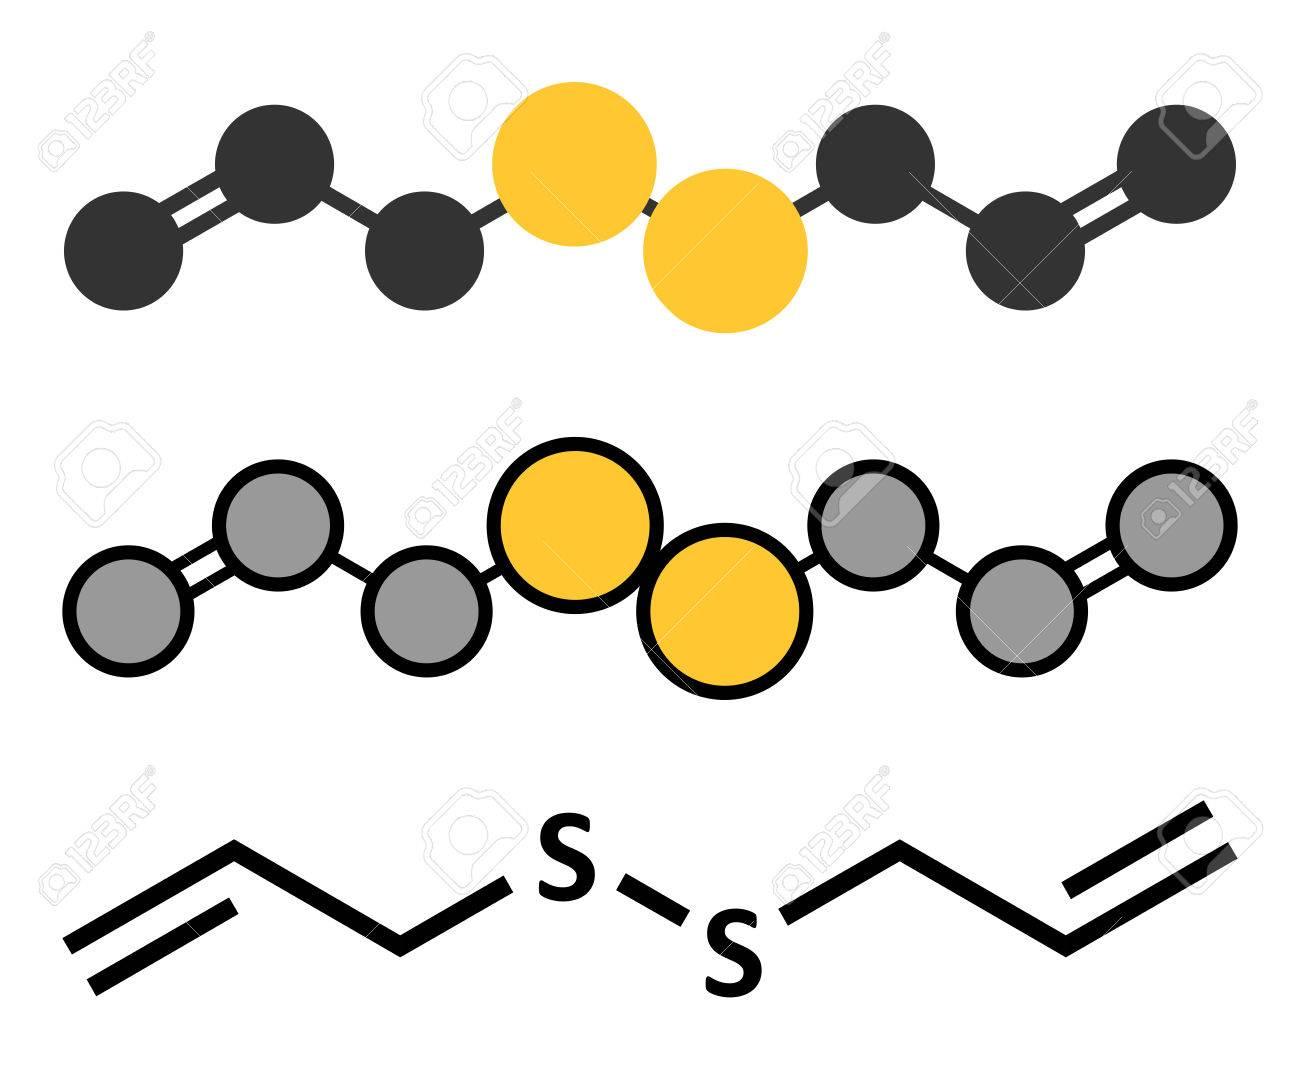 Diallyldisulfide Knoflook Molecuul Eén Van De Verbindingen Die Verantwoordelijk Zijn Voor De Smaak Geur En Gezondheidseffecten Van Knoflook